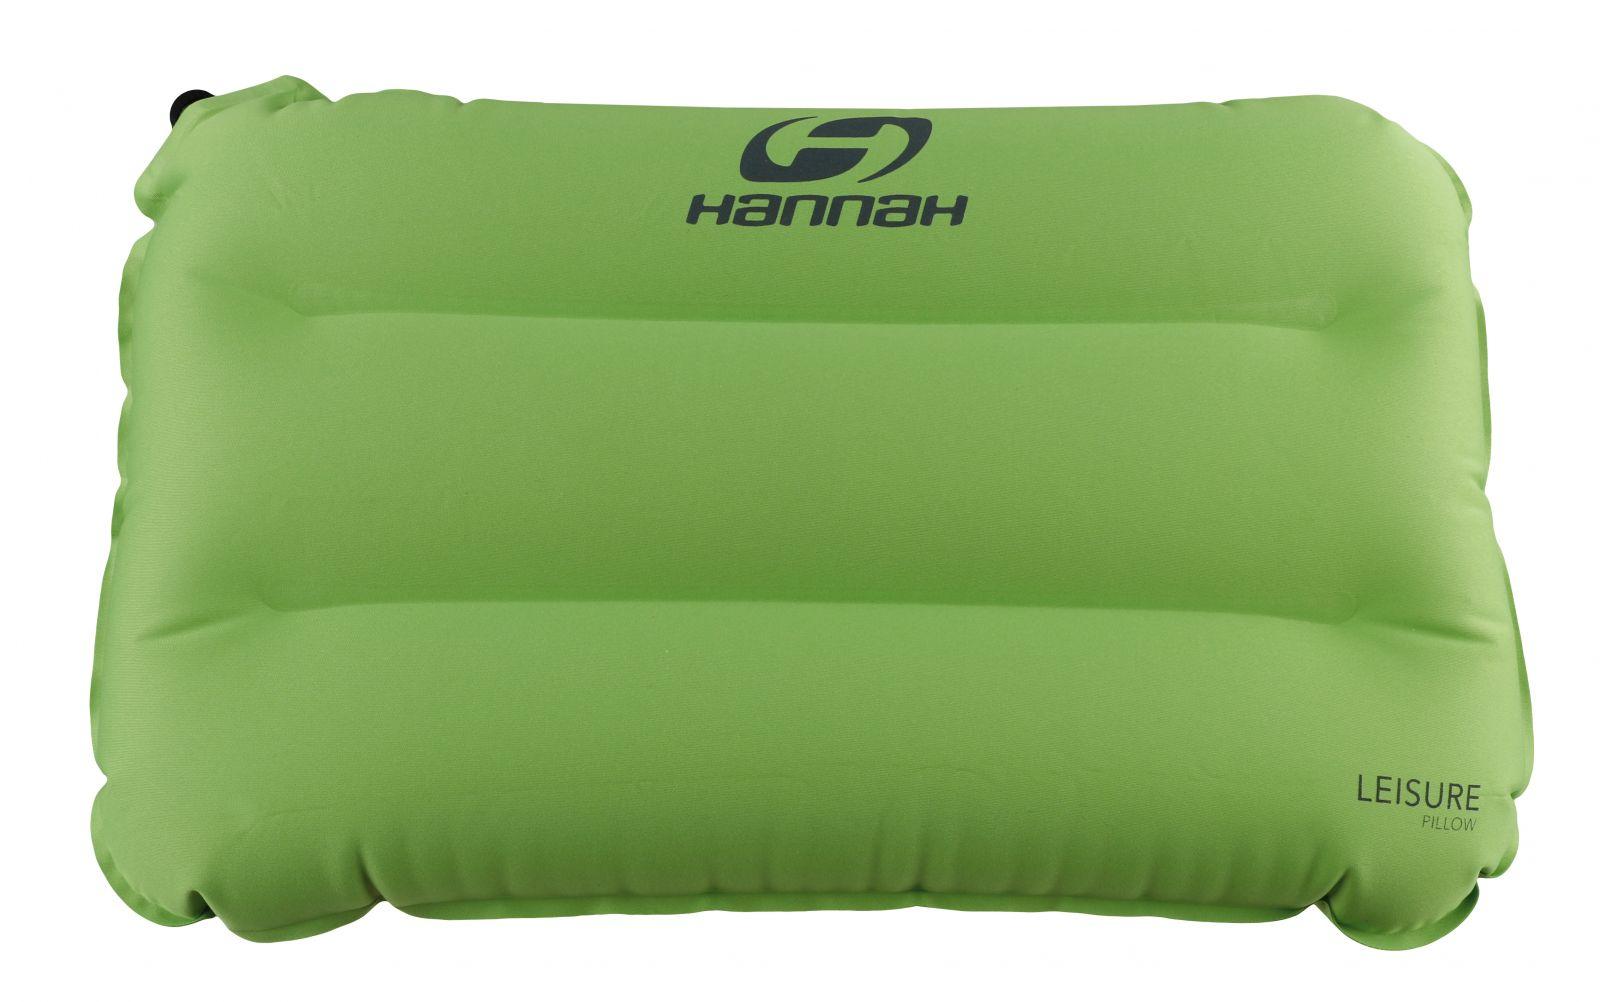 Hannah Pillow Parrot green cestovní polštářek